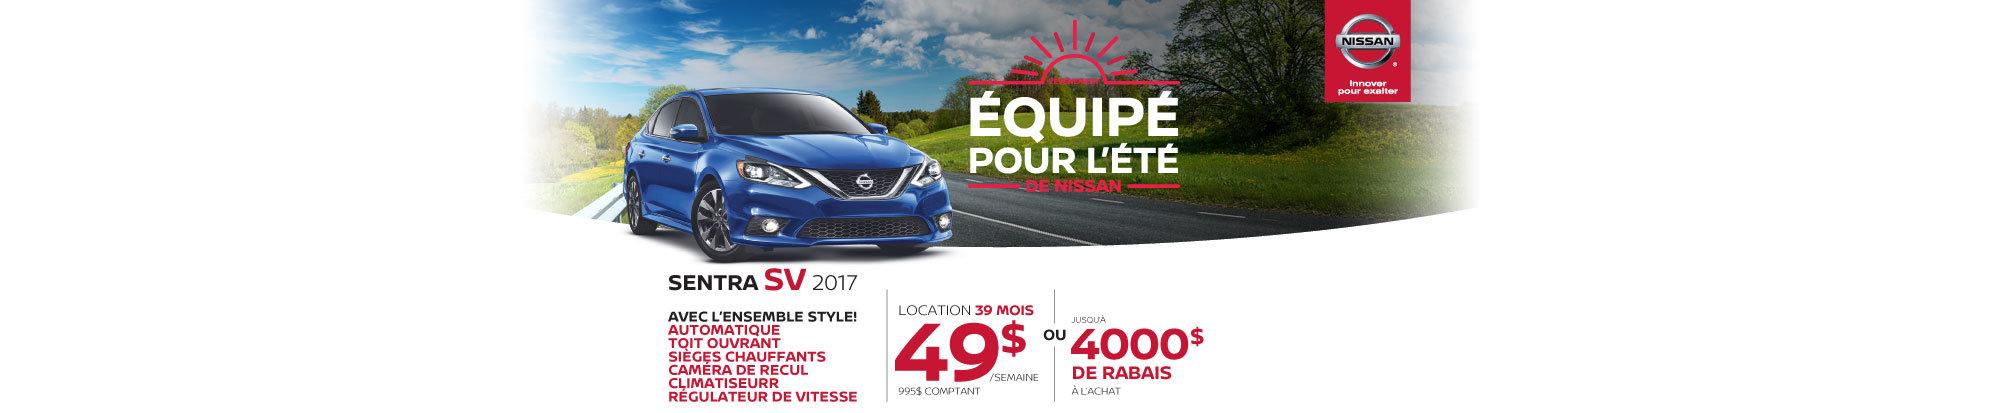 Nissan Sentra header web